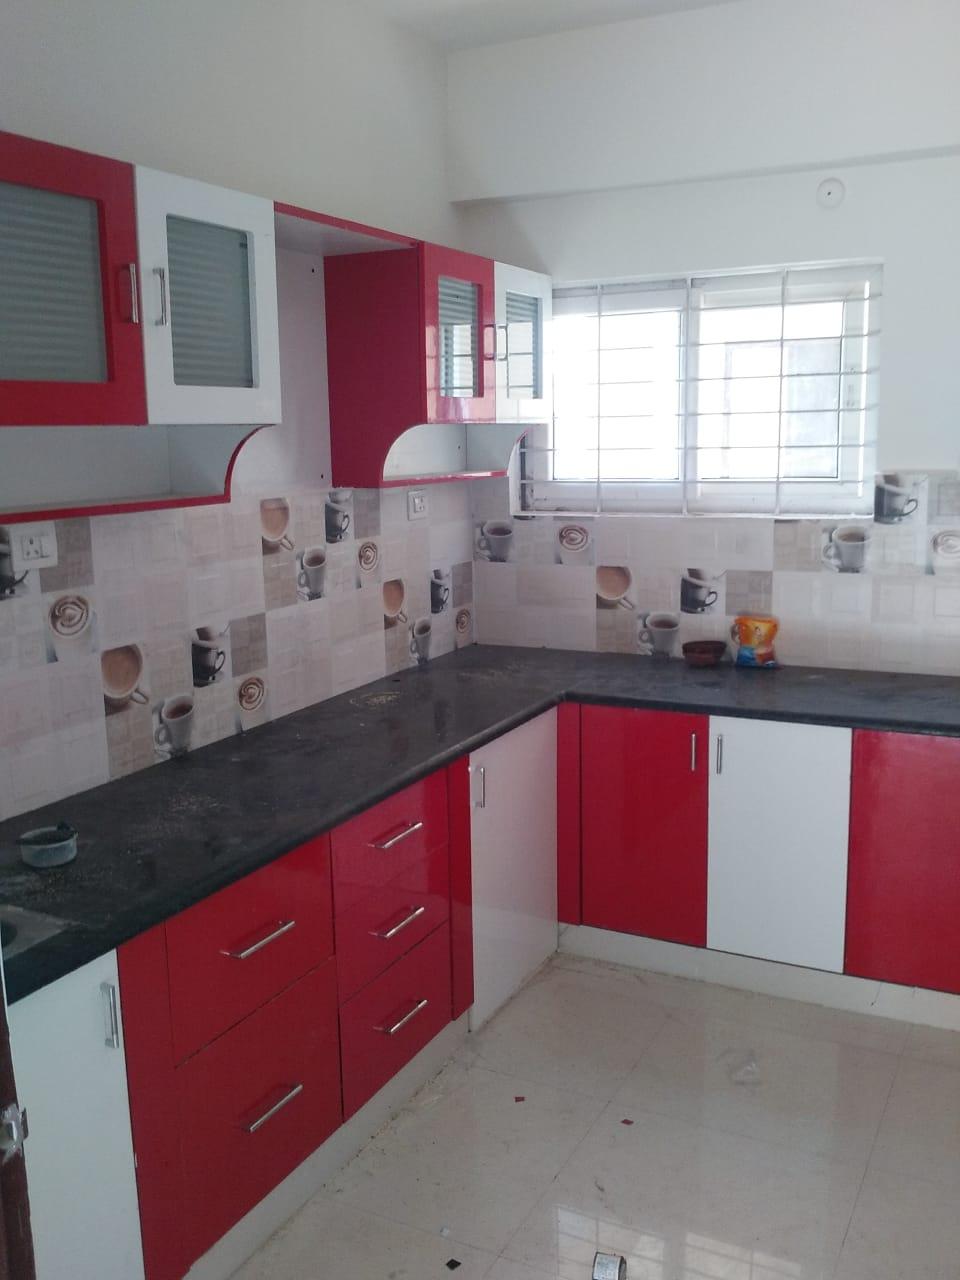 Triad Interio, manufacturer modular kitchen in kondapoor,   manufacture  modular kitchen  banglore,manufacture  modular   kitchen in high tech city, manufacture  of modular partitions in hyderabad,